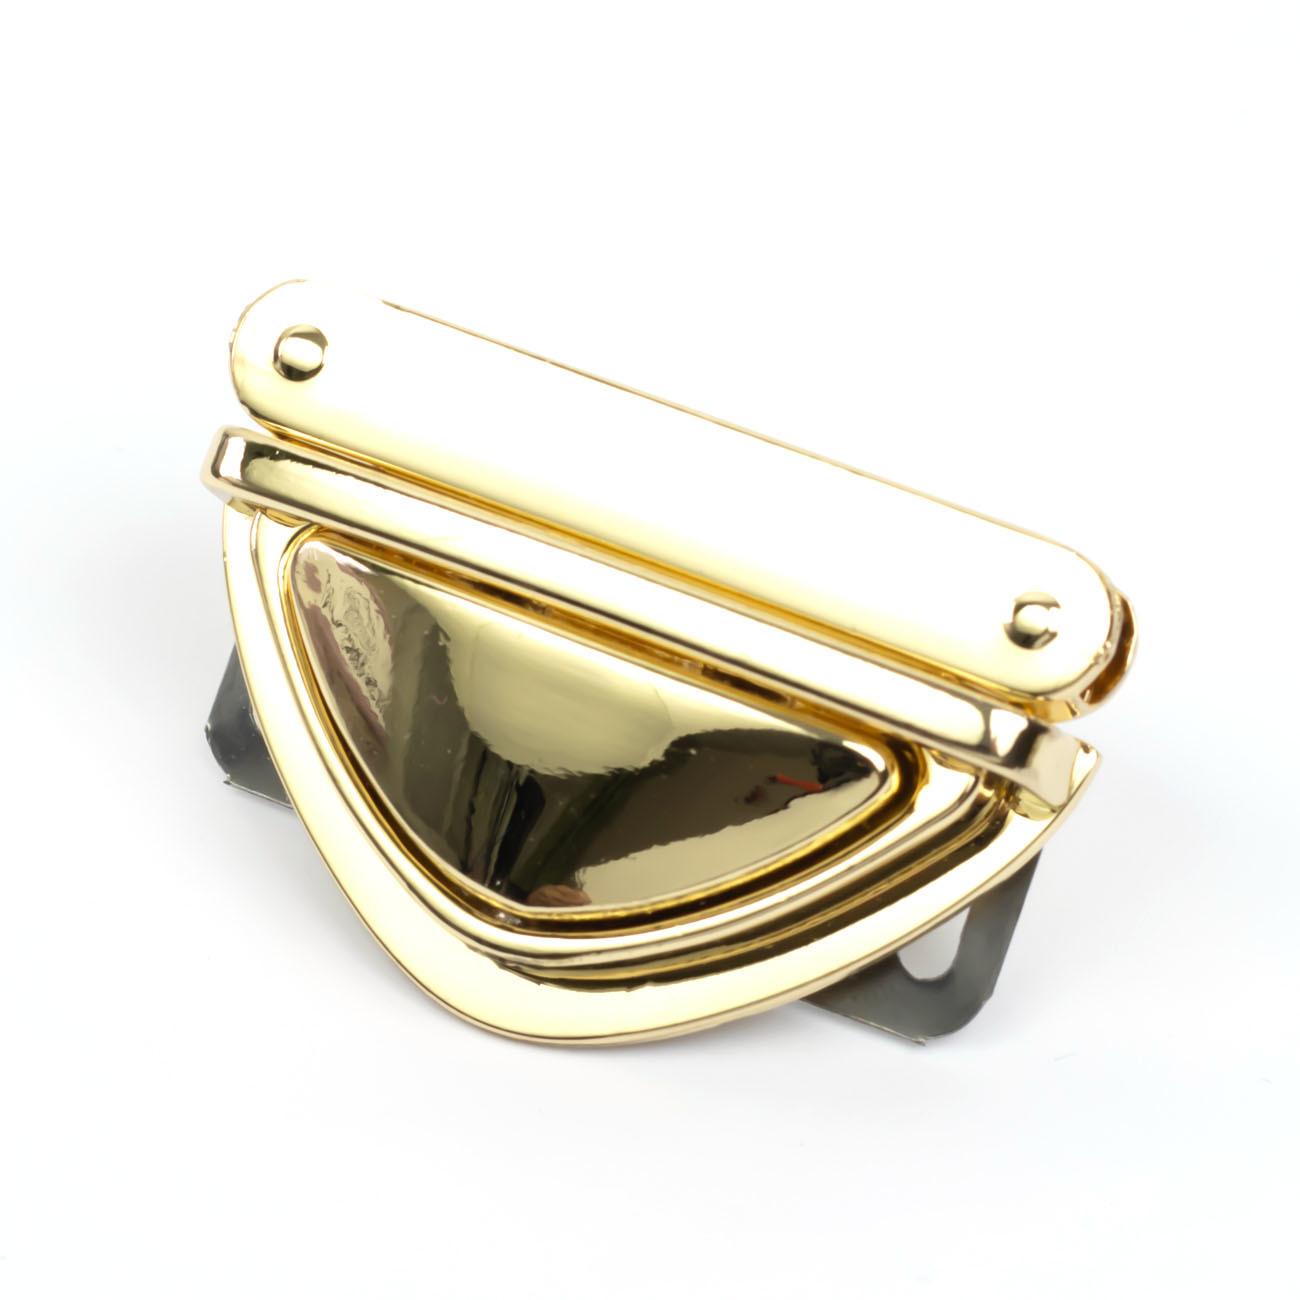 """Застежки """"Золото"""" Портфельный замок для кожаных клапанов треугольный литой """"Золото"""" IMG_6739.jpg"""